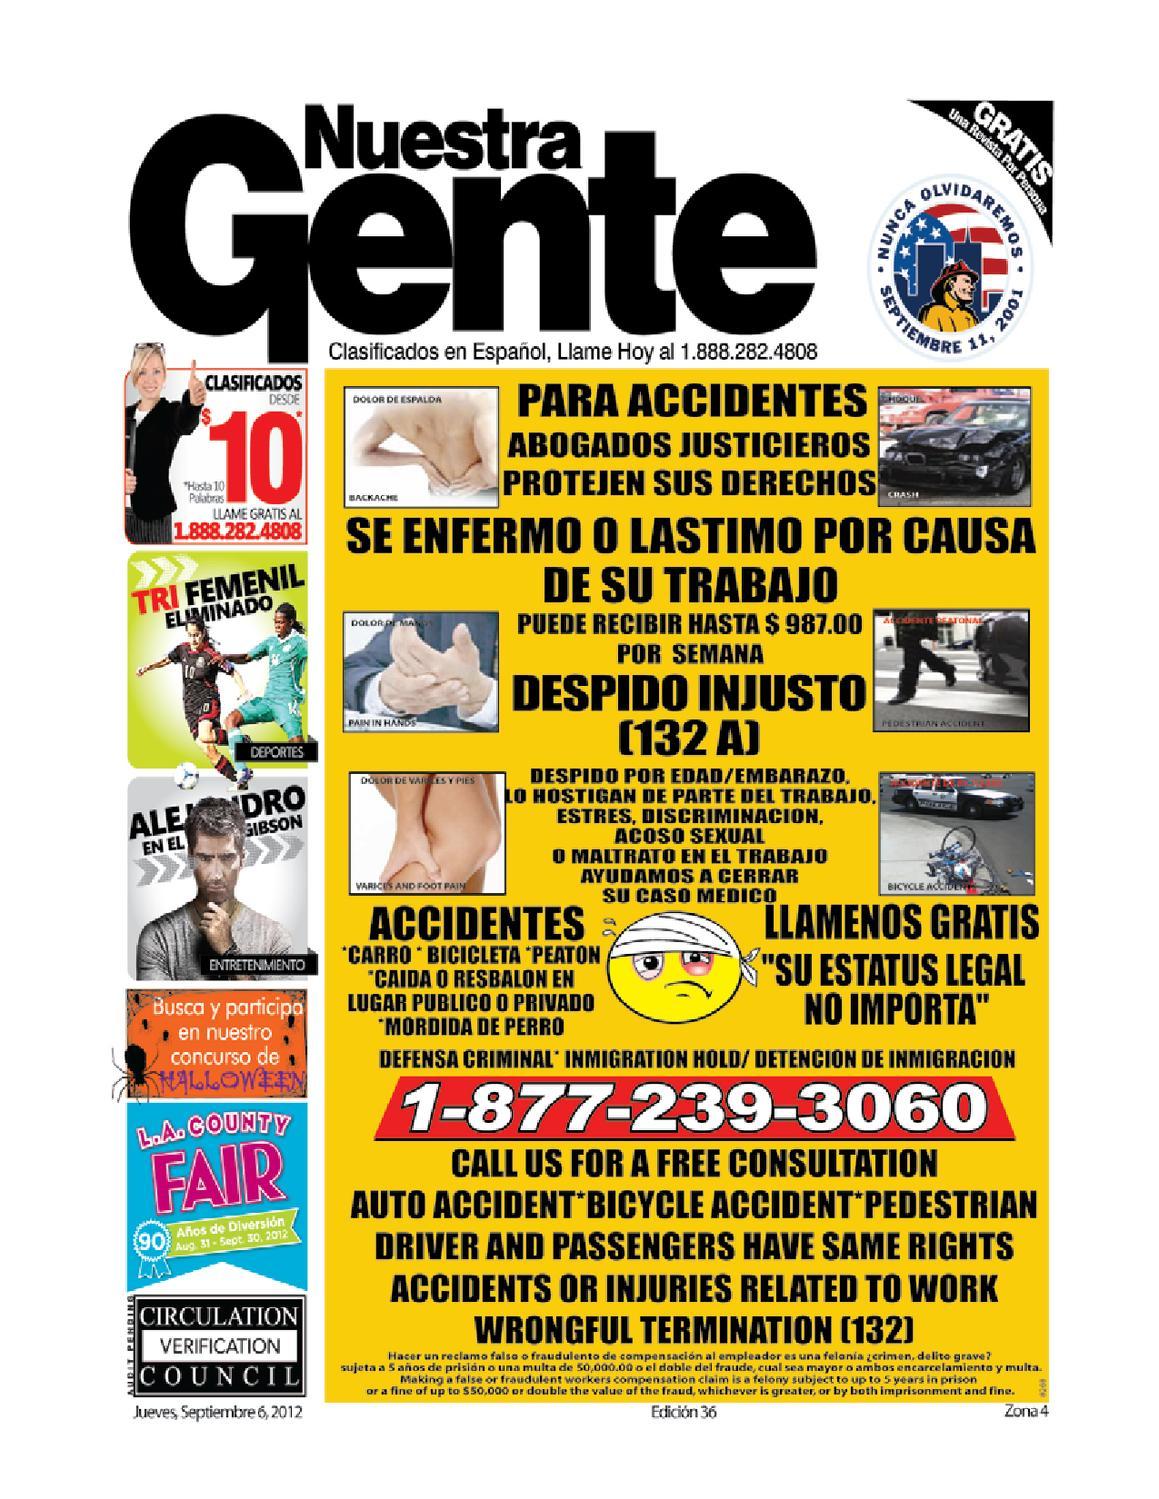 fa2fa00a0044c Nuestra Gente Edicion 36 Zona 4 by Nuestra Gente - issuu